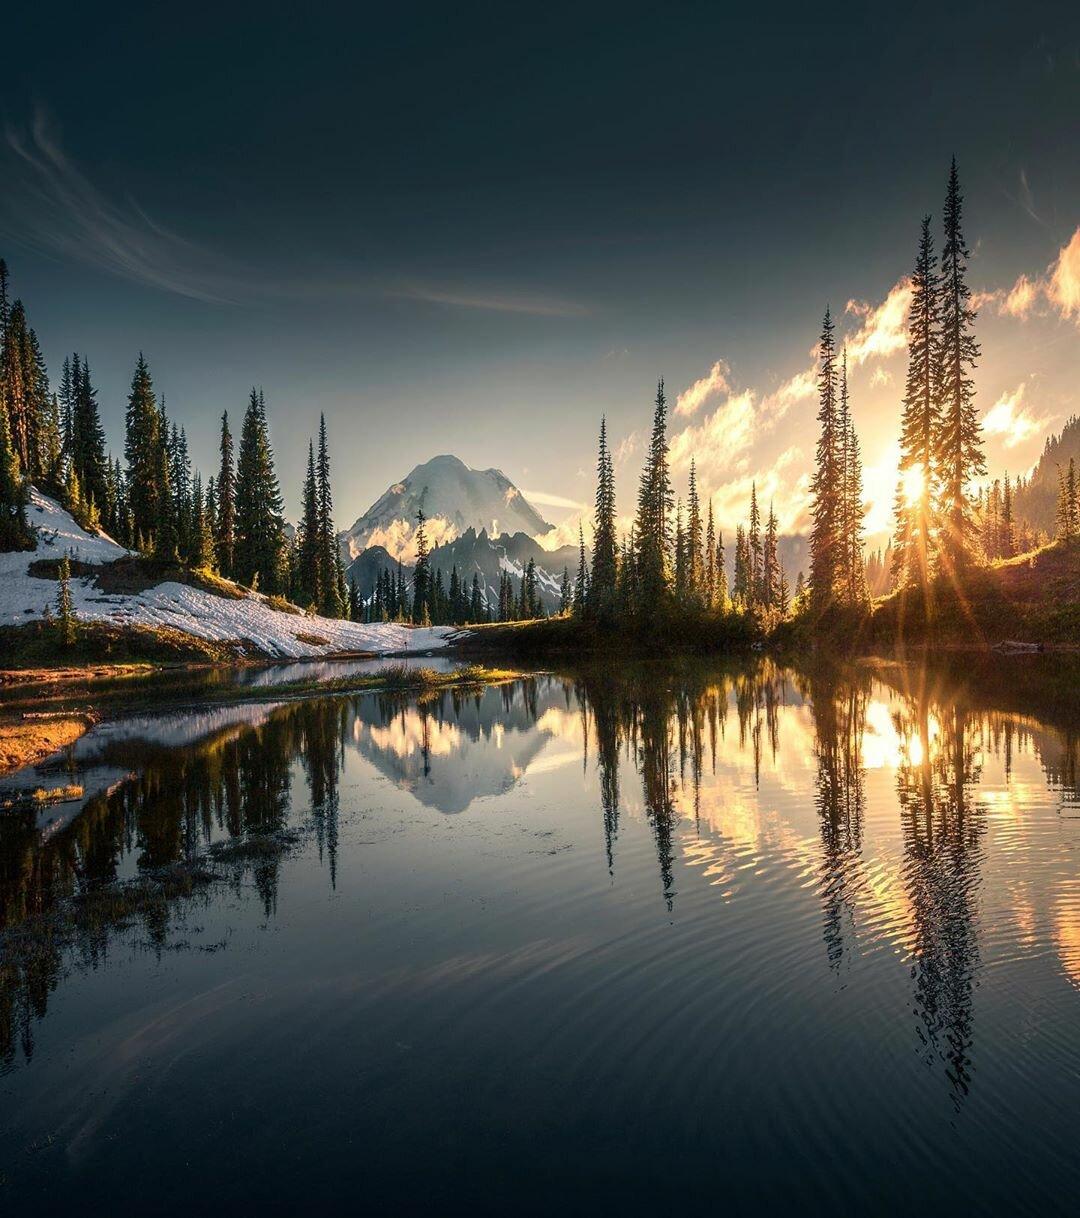 основы пейзажной фотографии только без